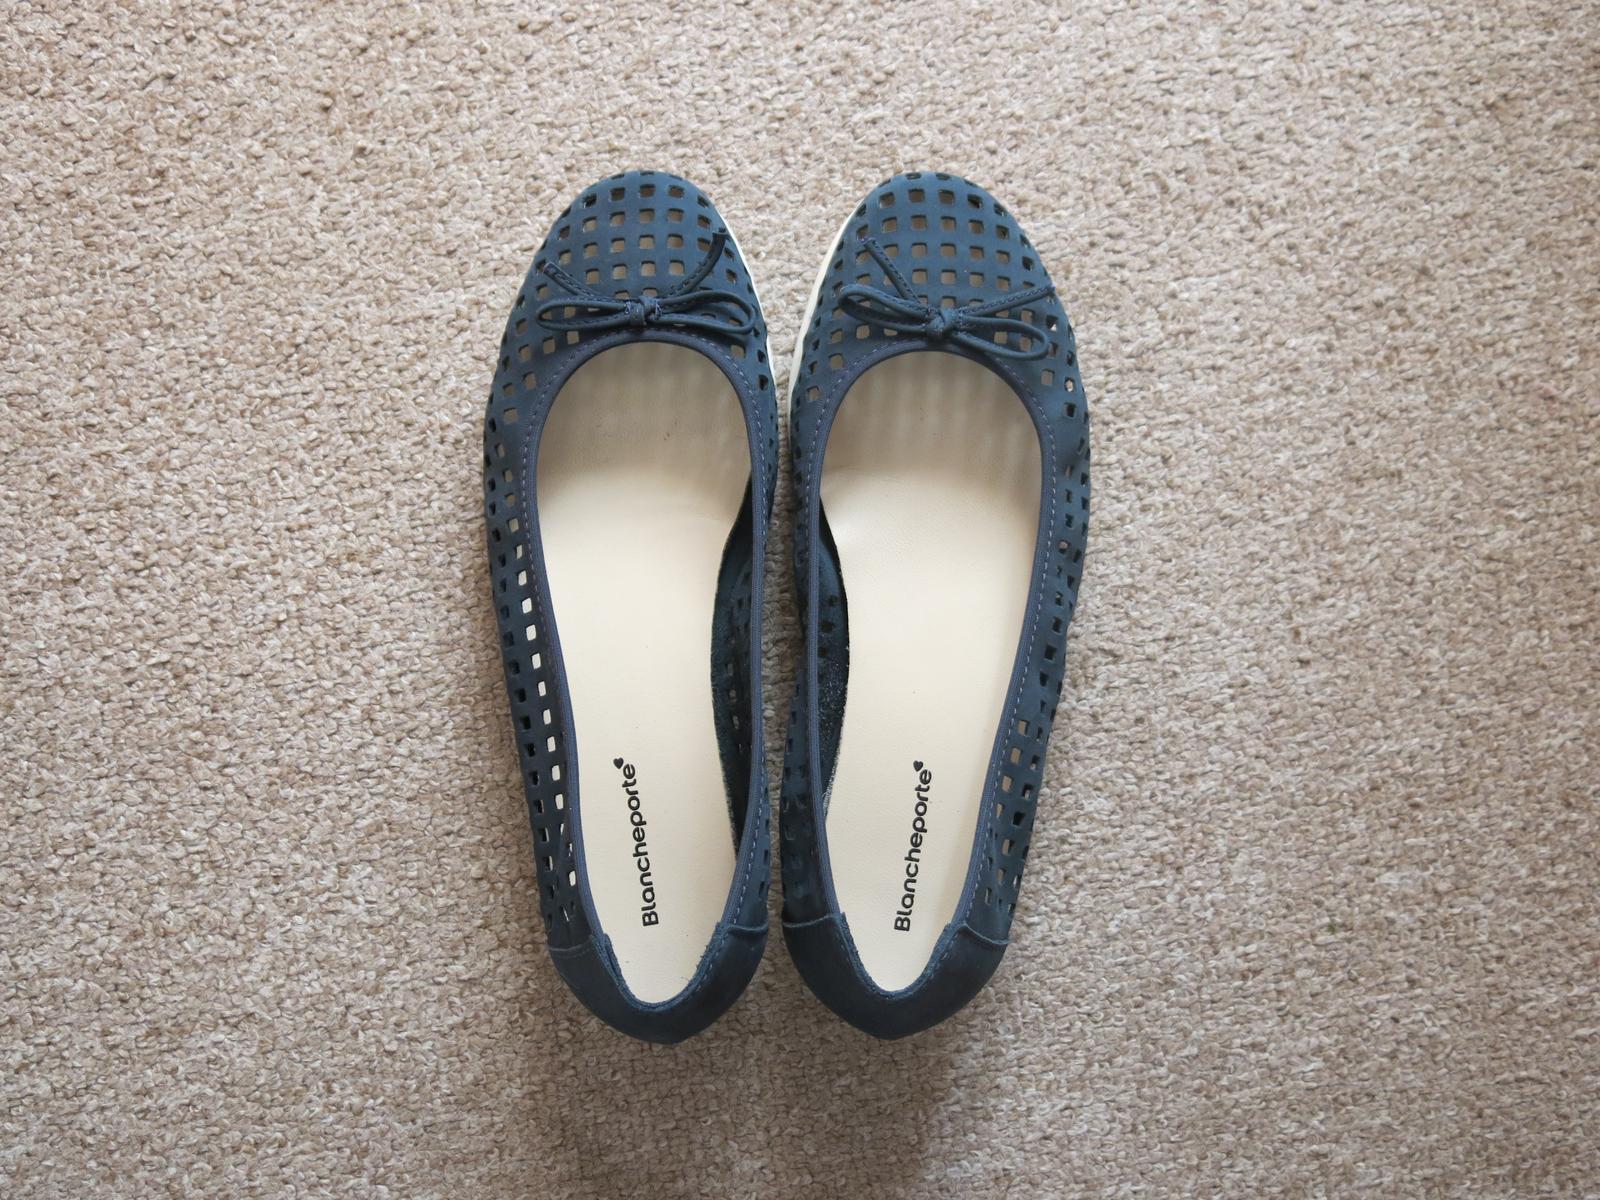 dámské letní boty - Obrázek č. 1